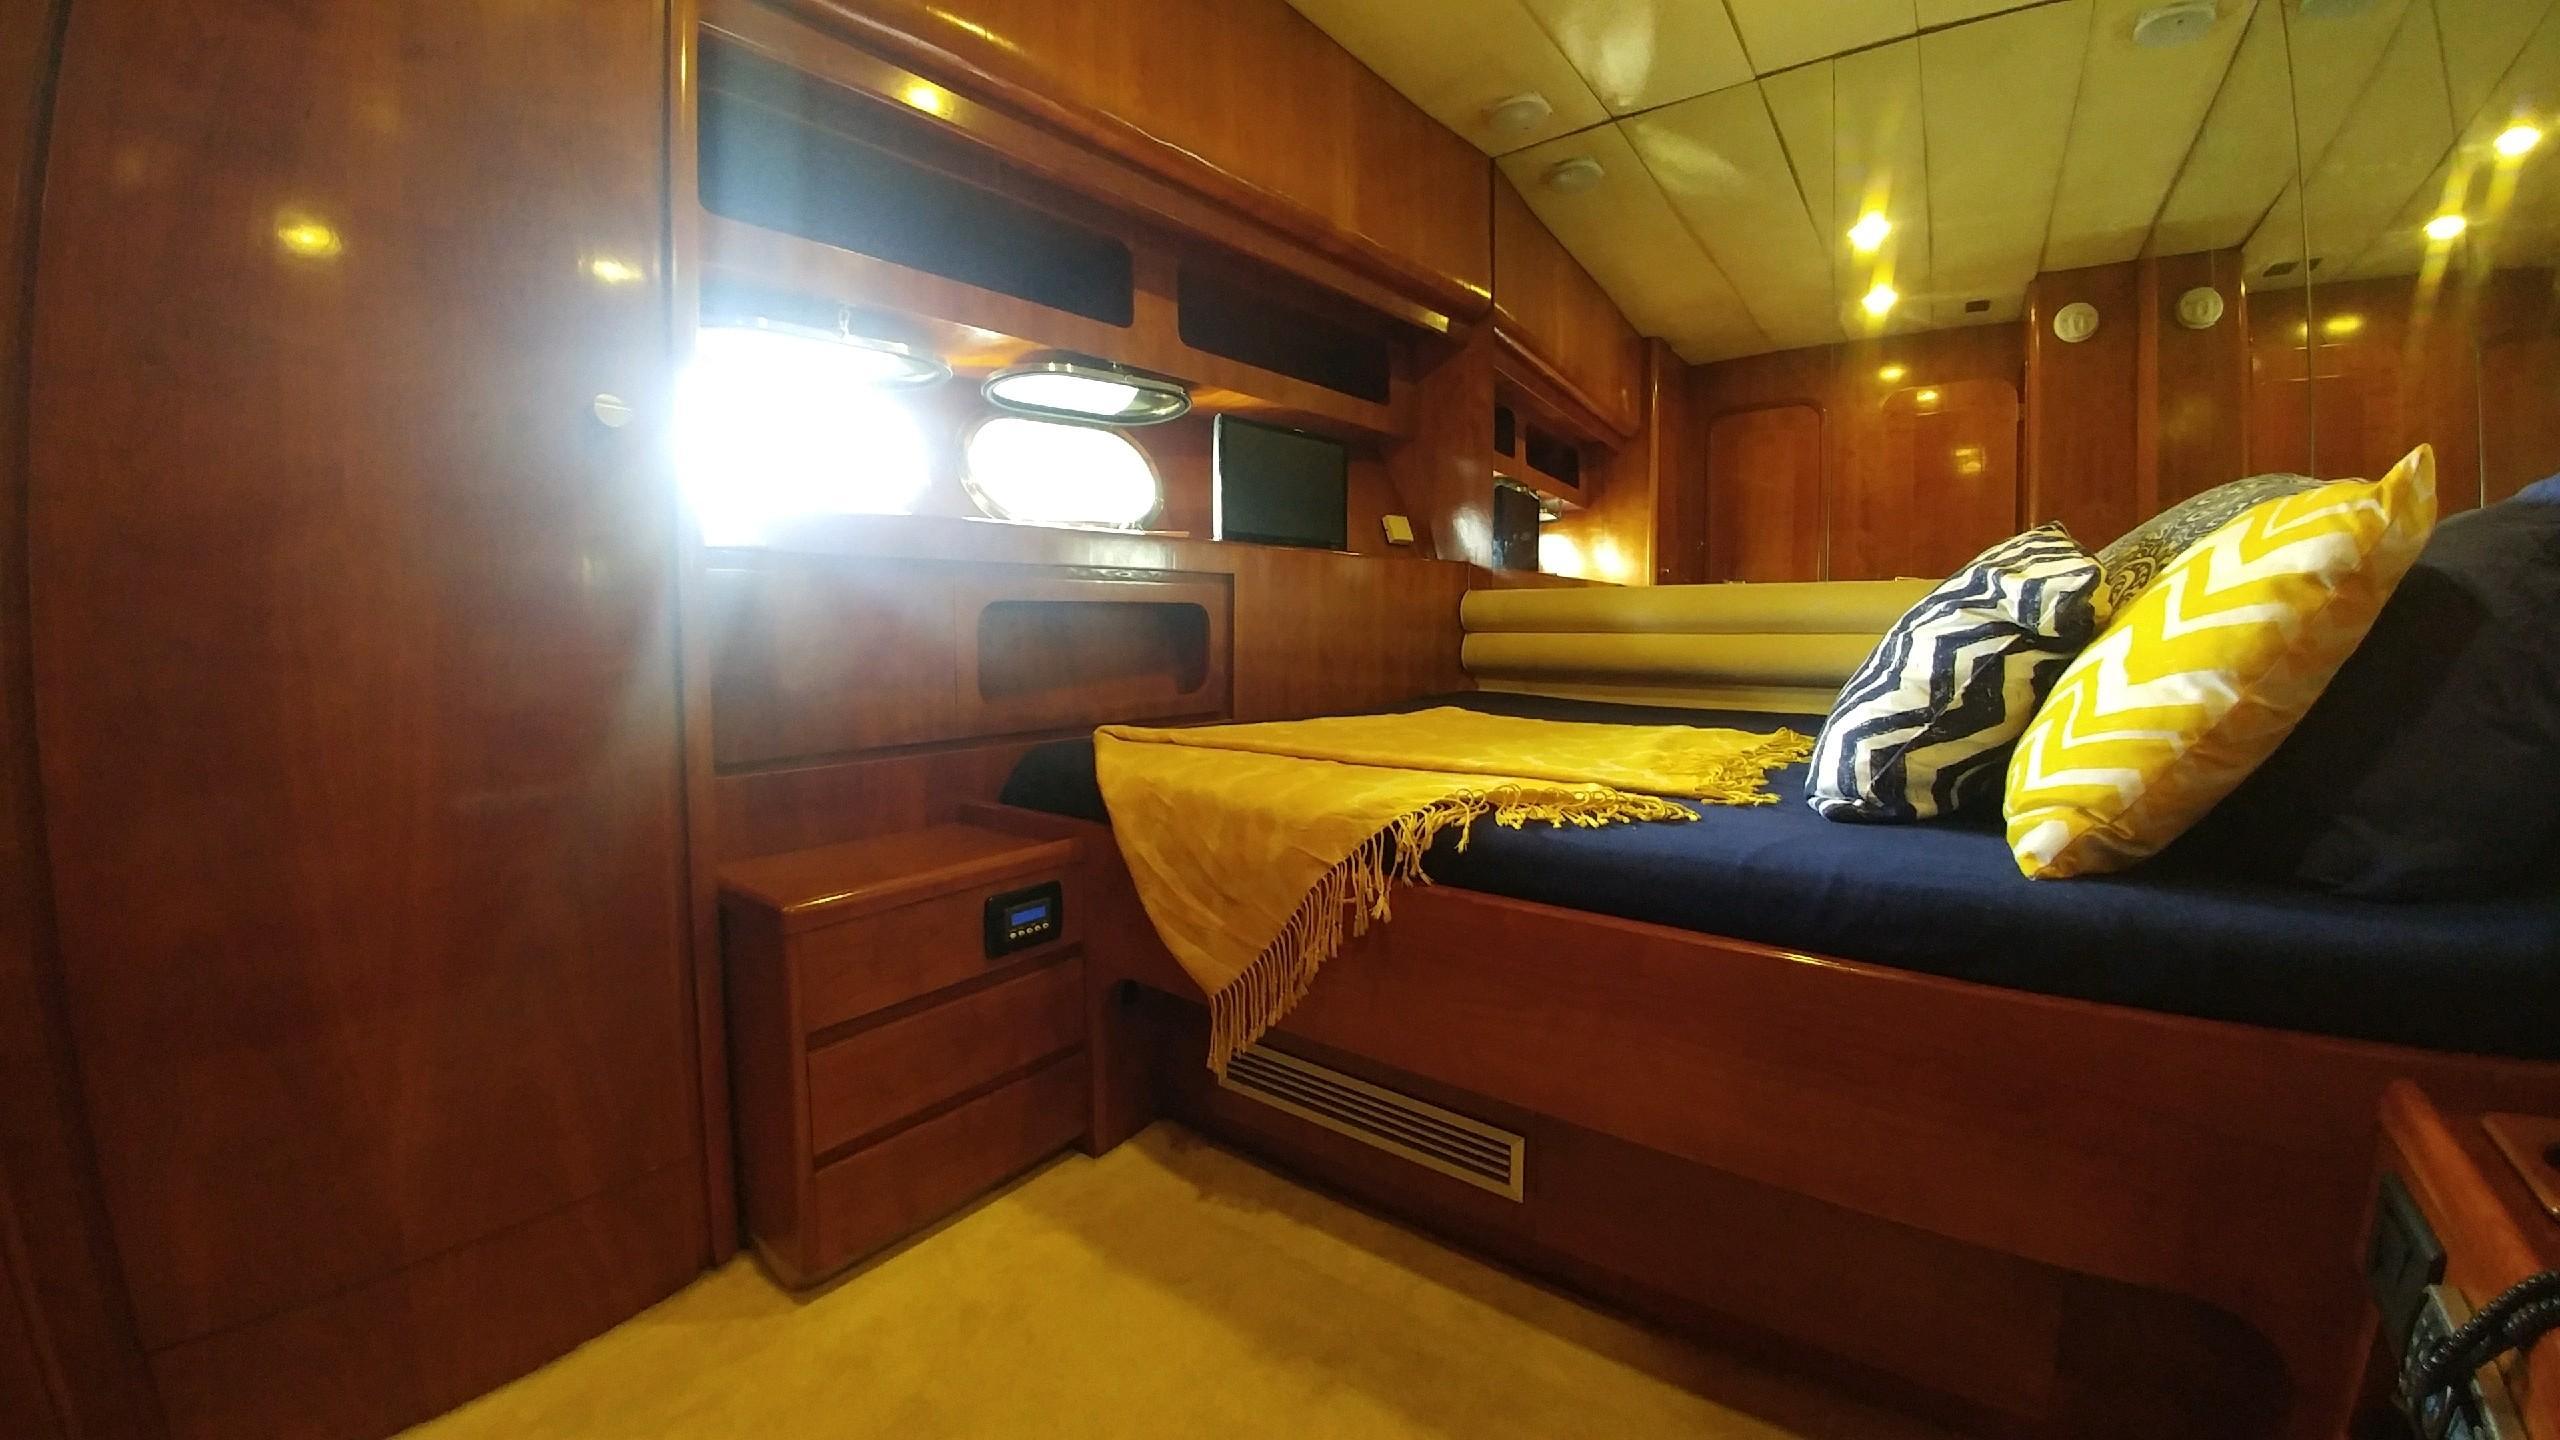 MIS MOONDANCE - Guest cabin